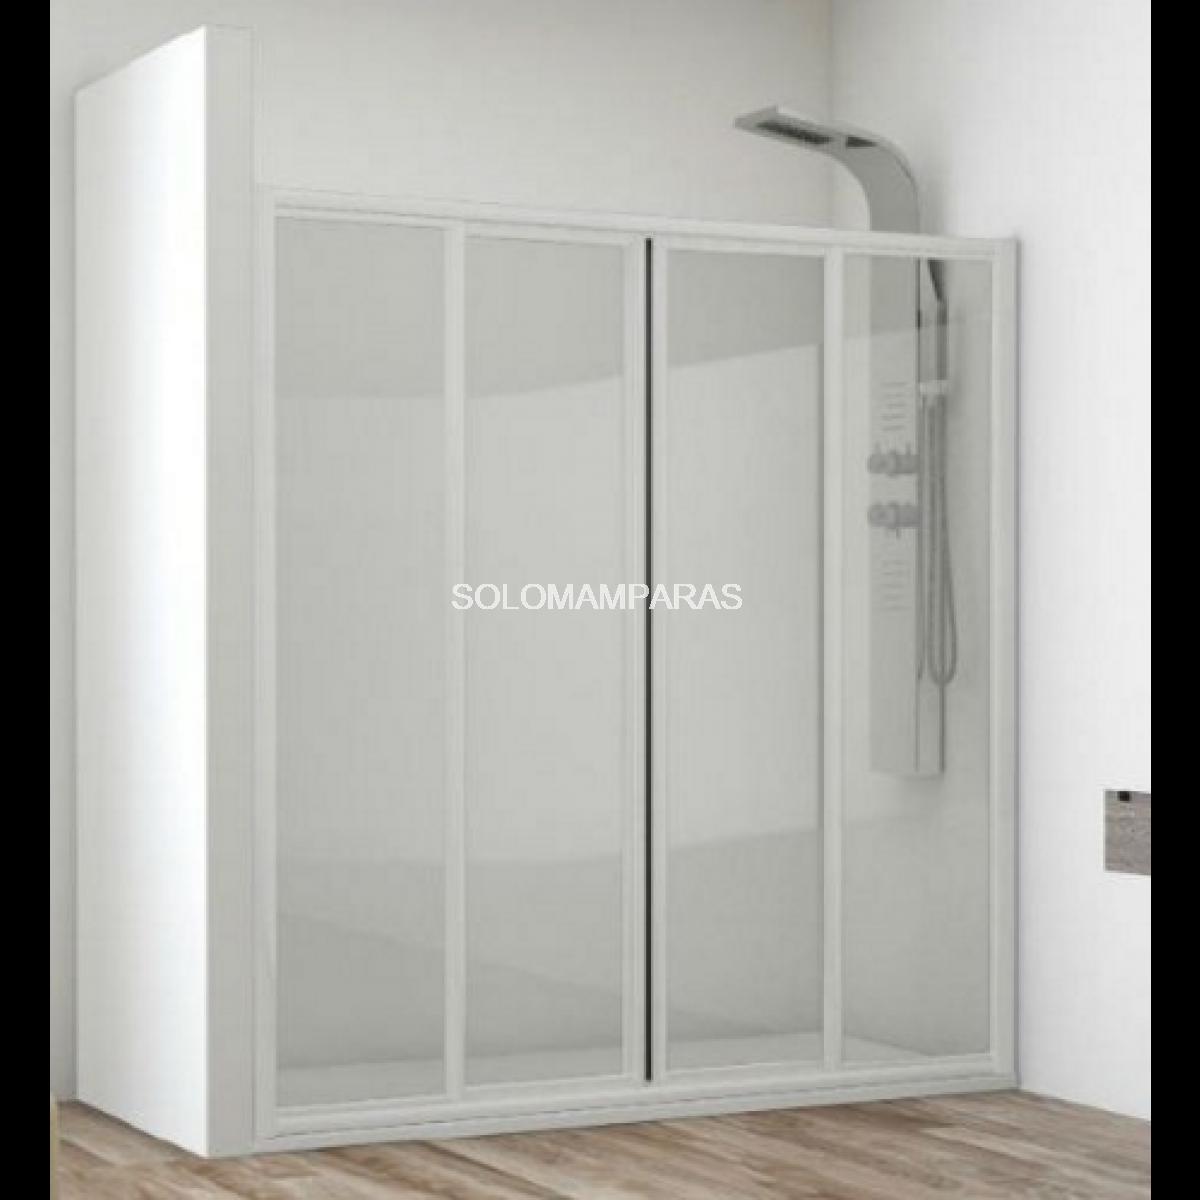 Frontal de ducha mampara sella 2 fijas 2 correderas for Frontal ducha